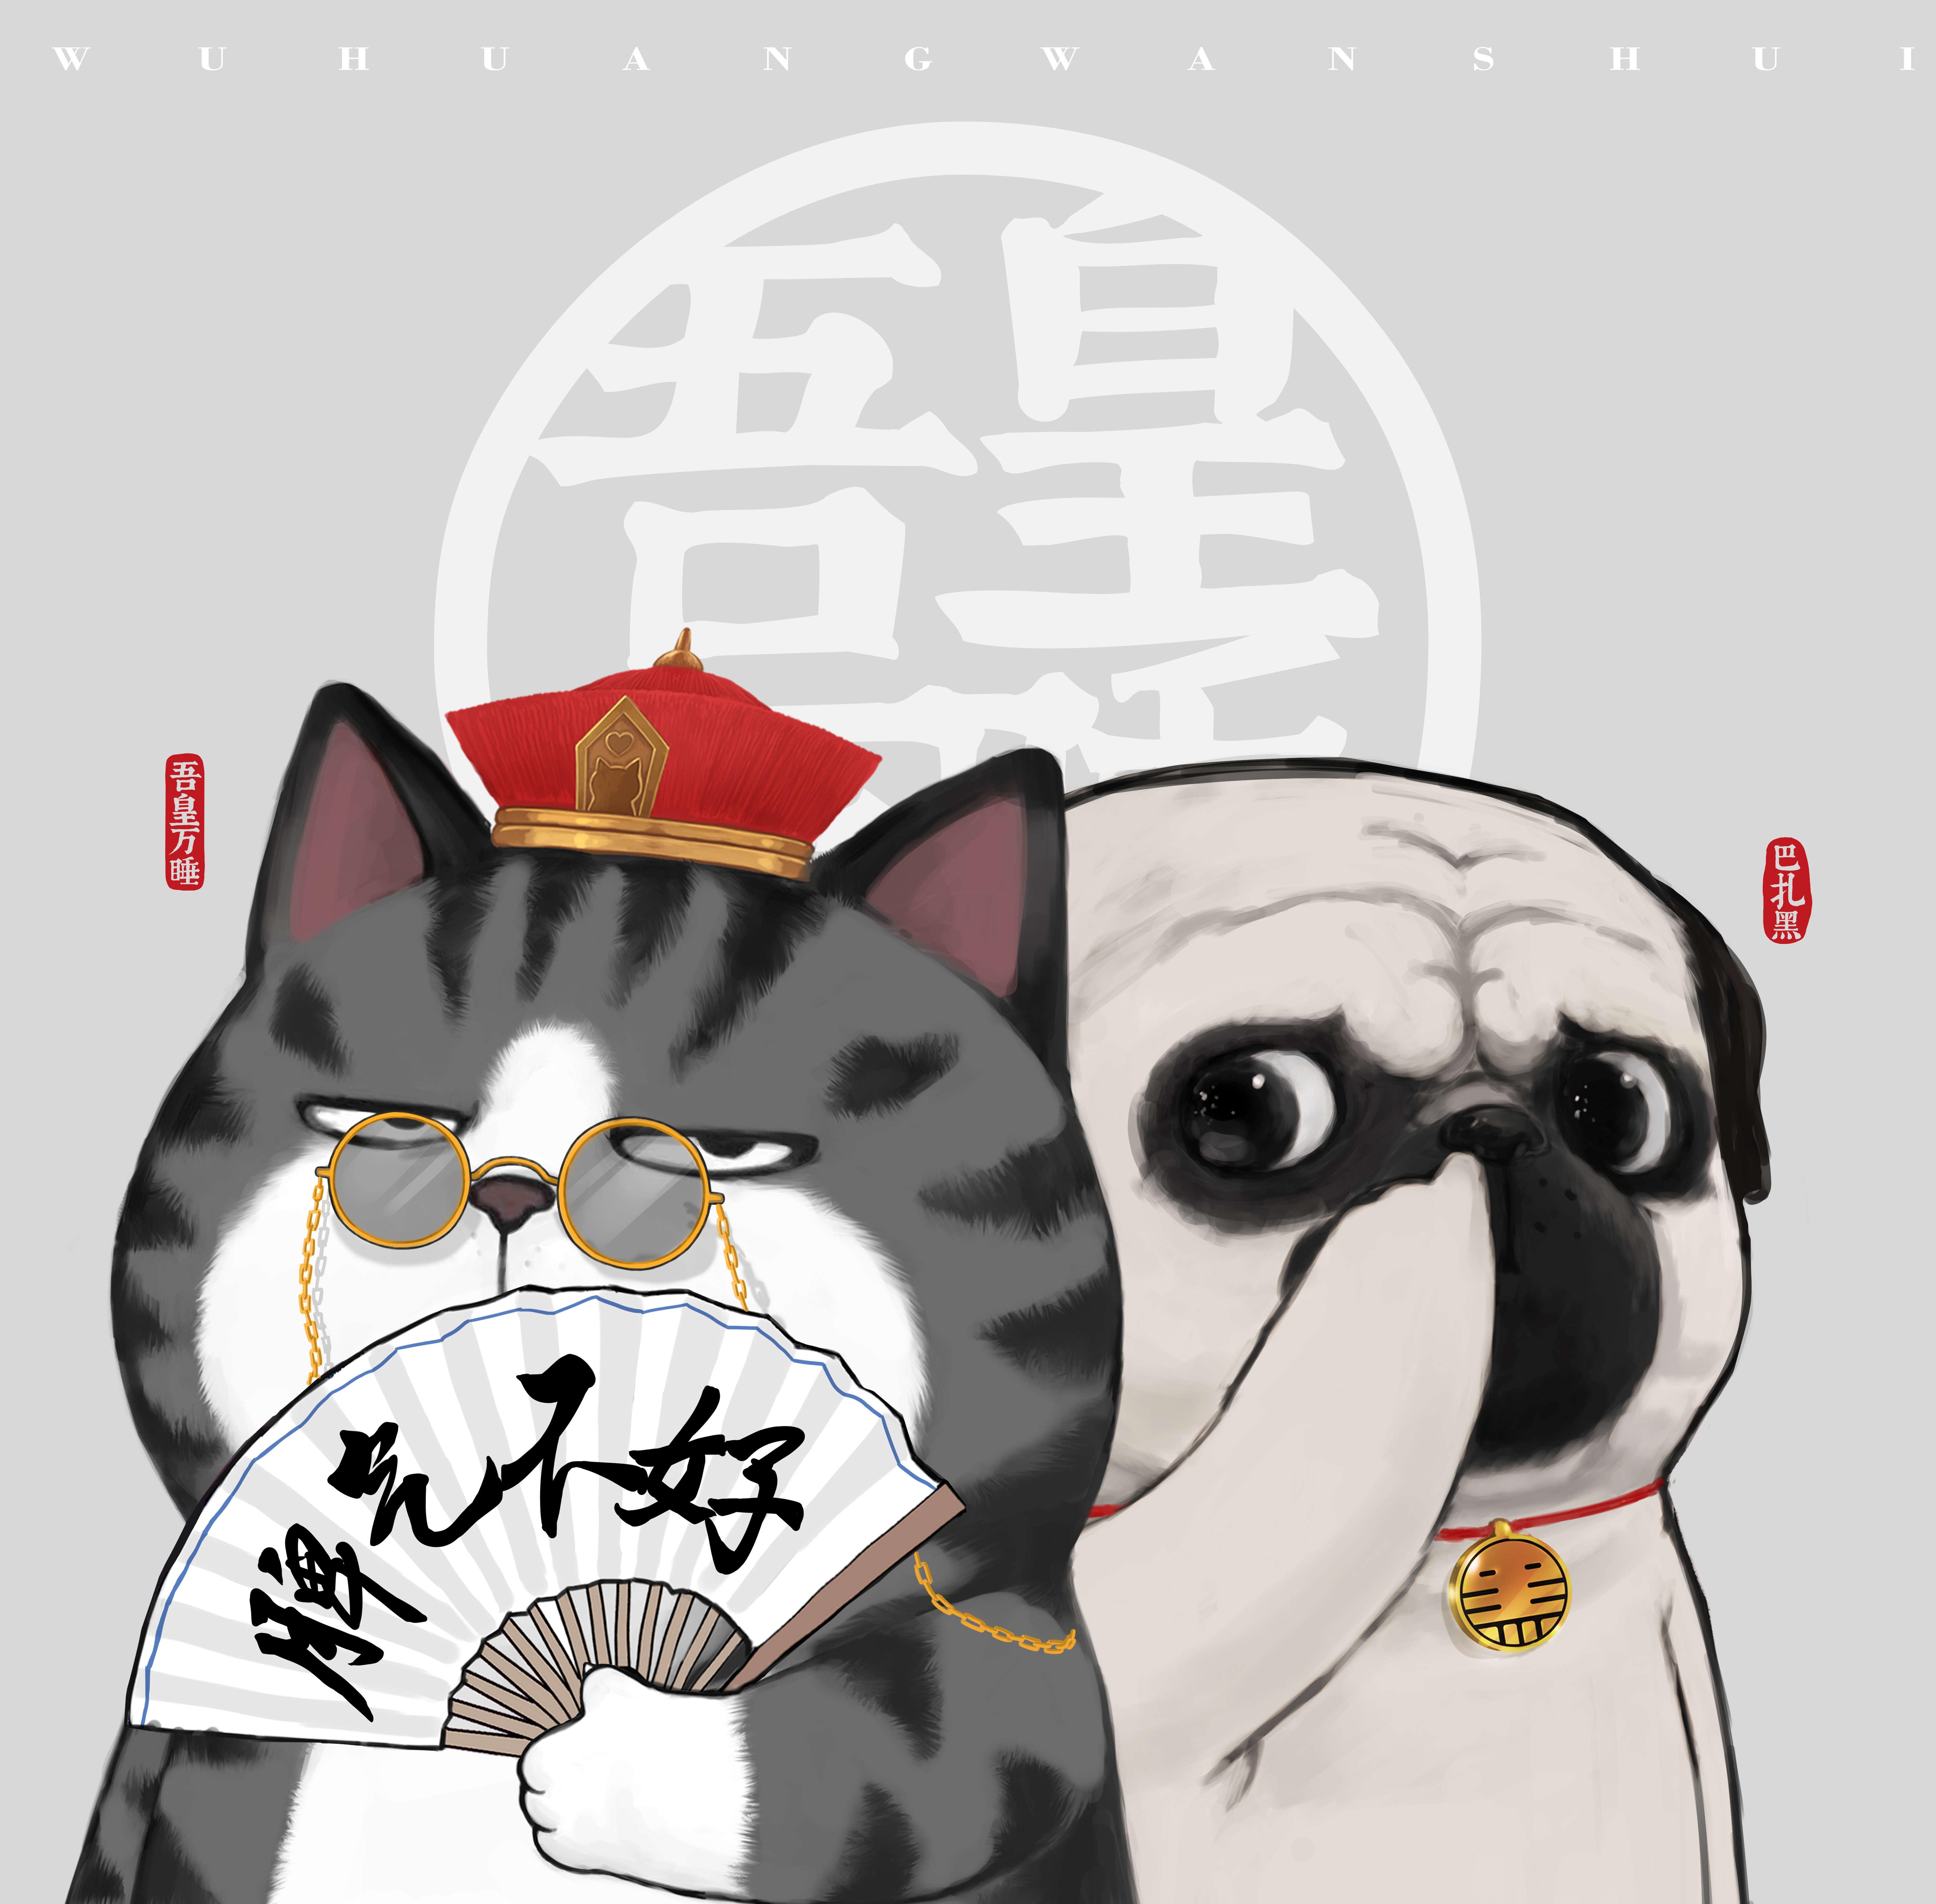 """吾皇萌袭,邂逅可期!《和平精英》x""""吾皇万睡""""520浪漫跨界"""